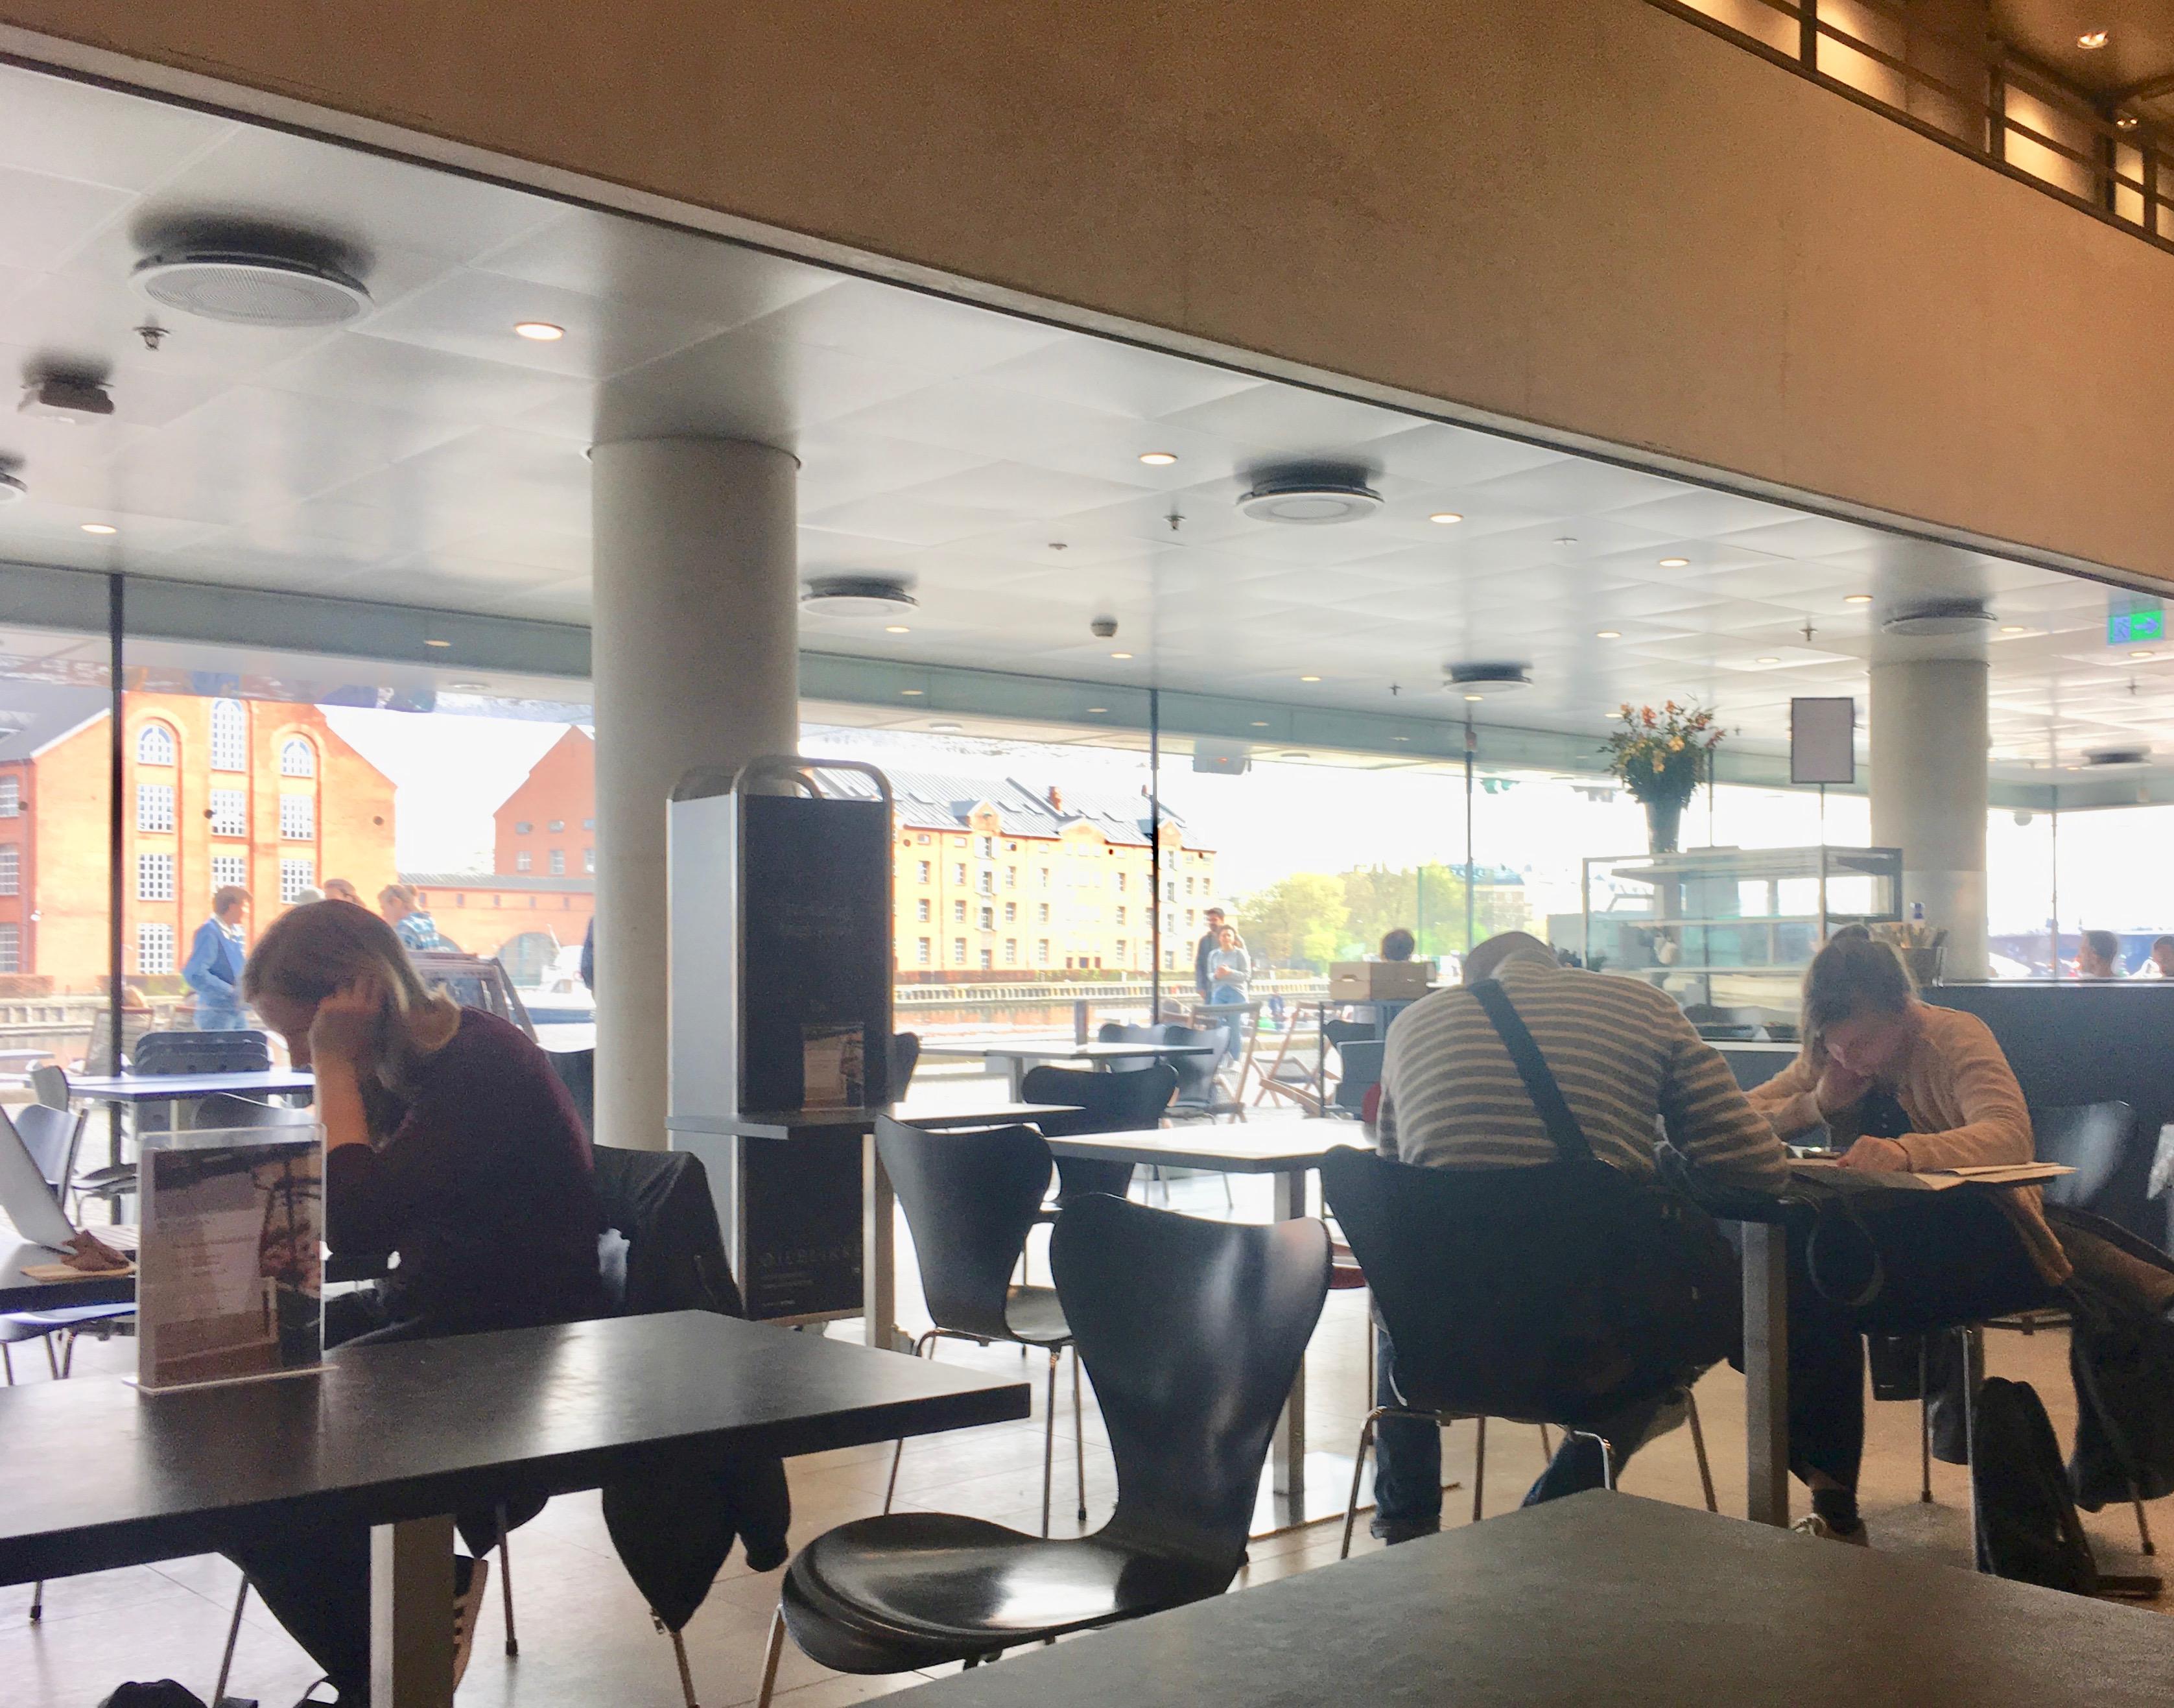 Café Øieblikket inside